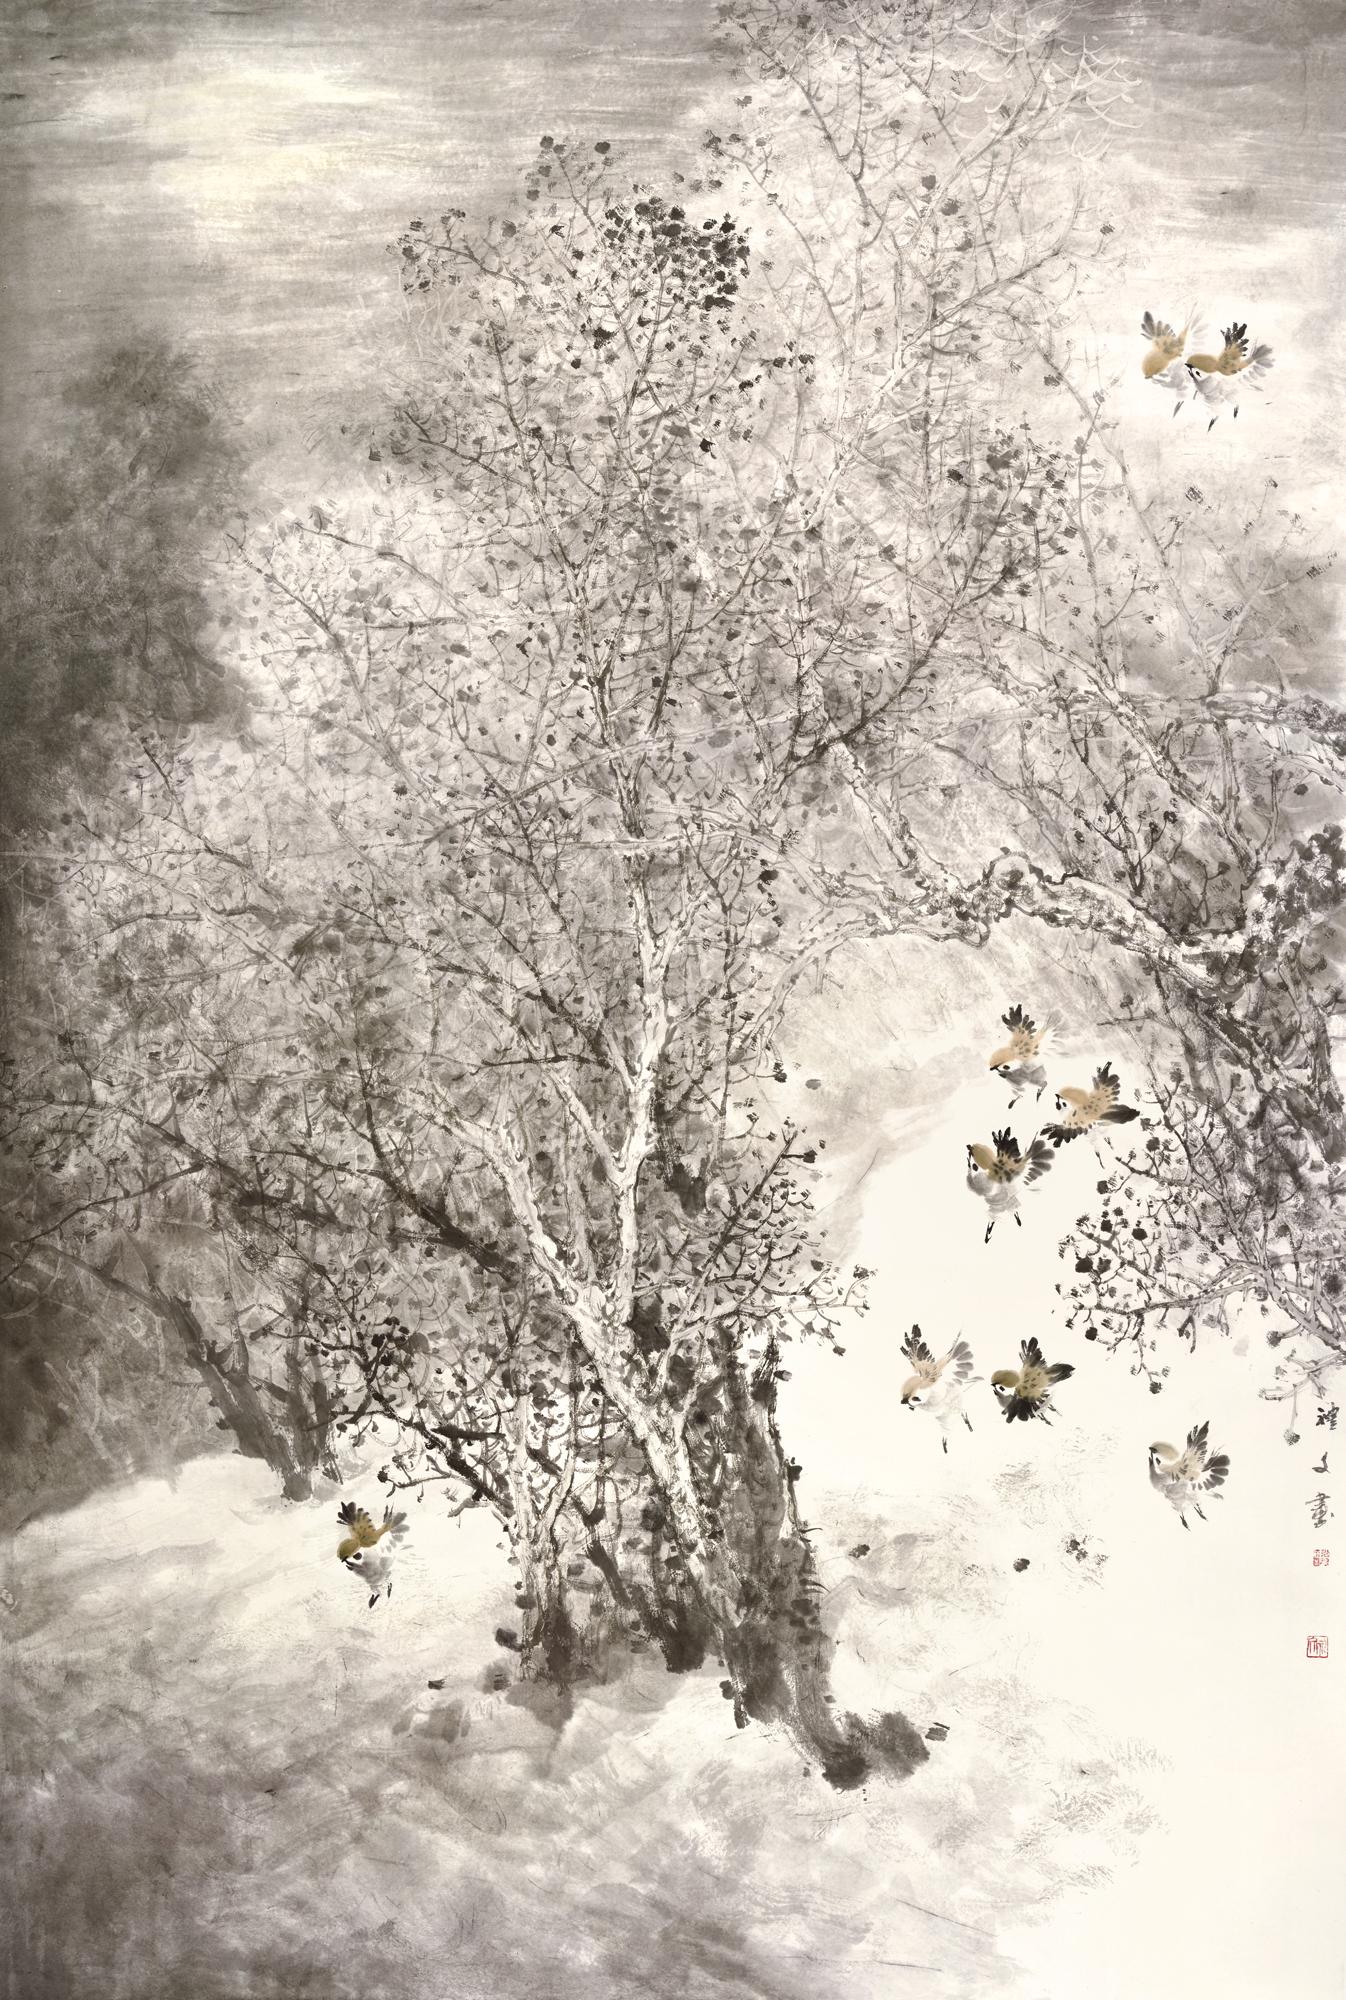 浴月图-纪念扬州2500周年城庆——丹青扬州全国中国画作品展 规格:125cmX180cm.jpg